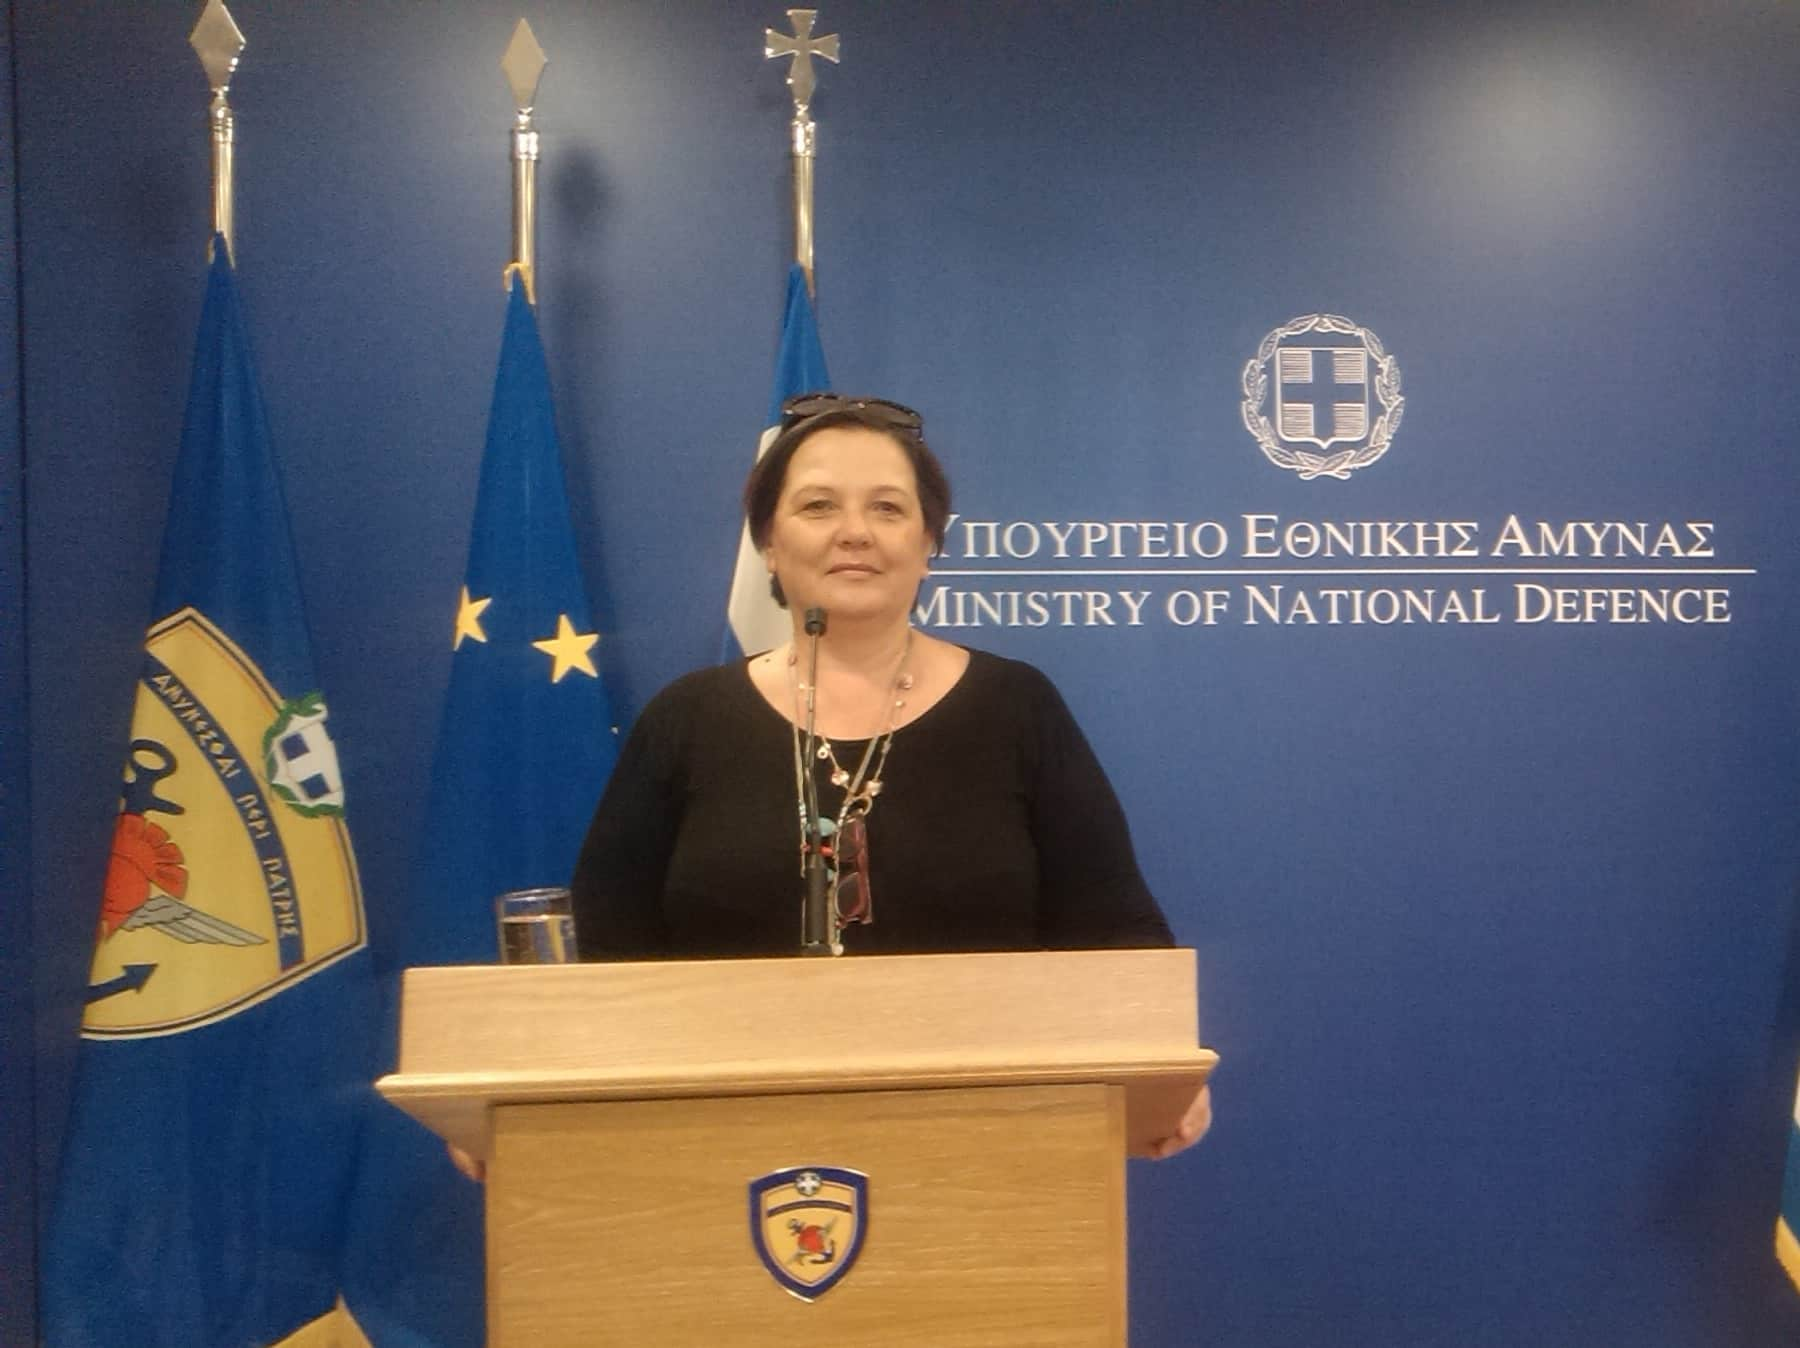 Επίθεση στην δημοσιογράφο Ιωάννα Ηλιάδη μετά την καταγγελία VIDEO